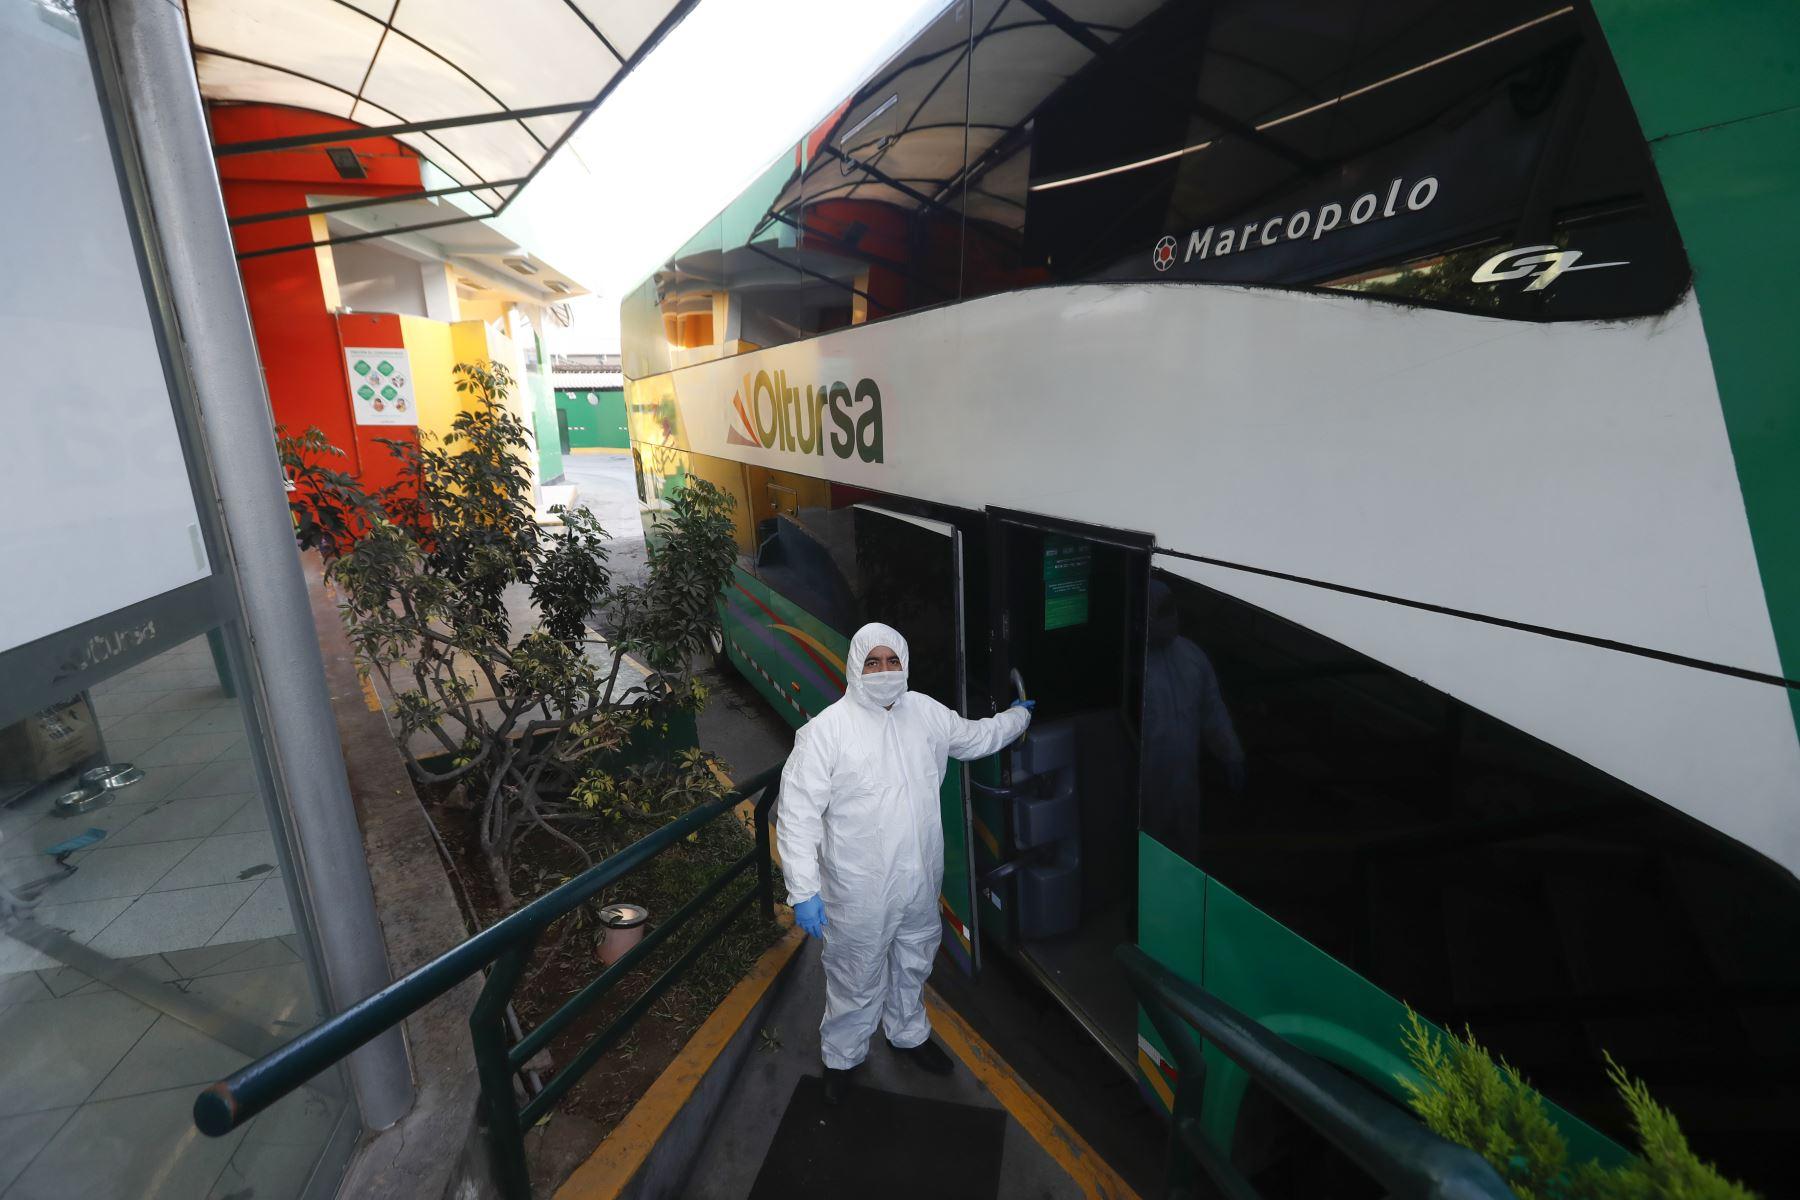 """Empresa de transporte interprovincial """"Oltursa"""" presenta protocolos de bioseguridad que aplicará al realizar sus viajes al interior del país durante estado de emergencia por coronavirus covid-19. Foto: ANDINA/Renato Pajuelo"""